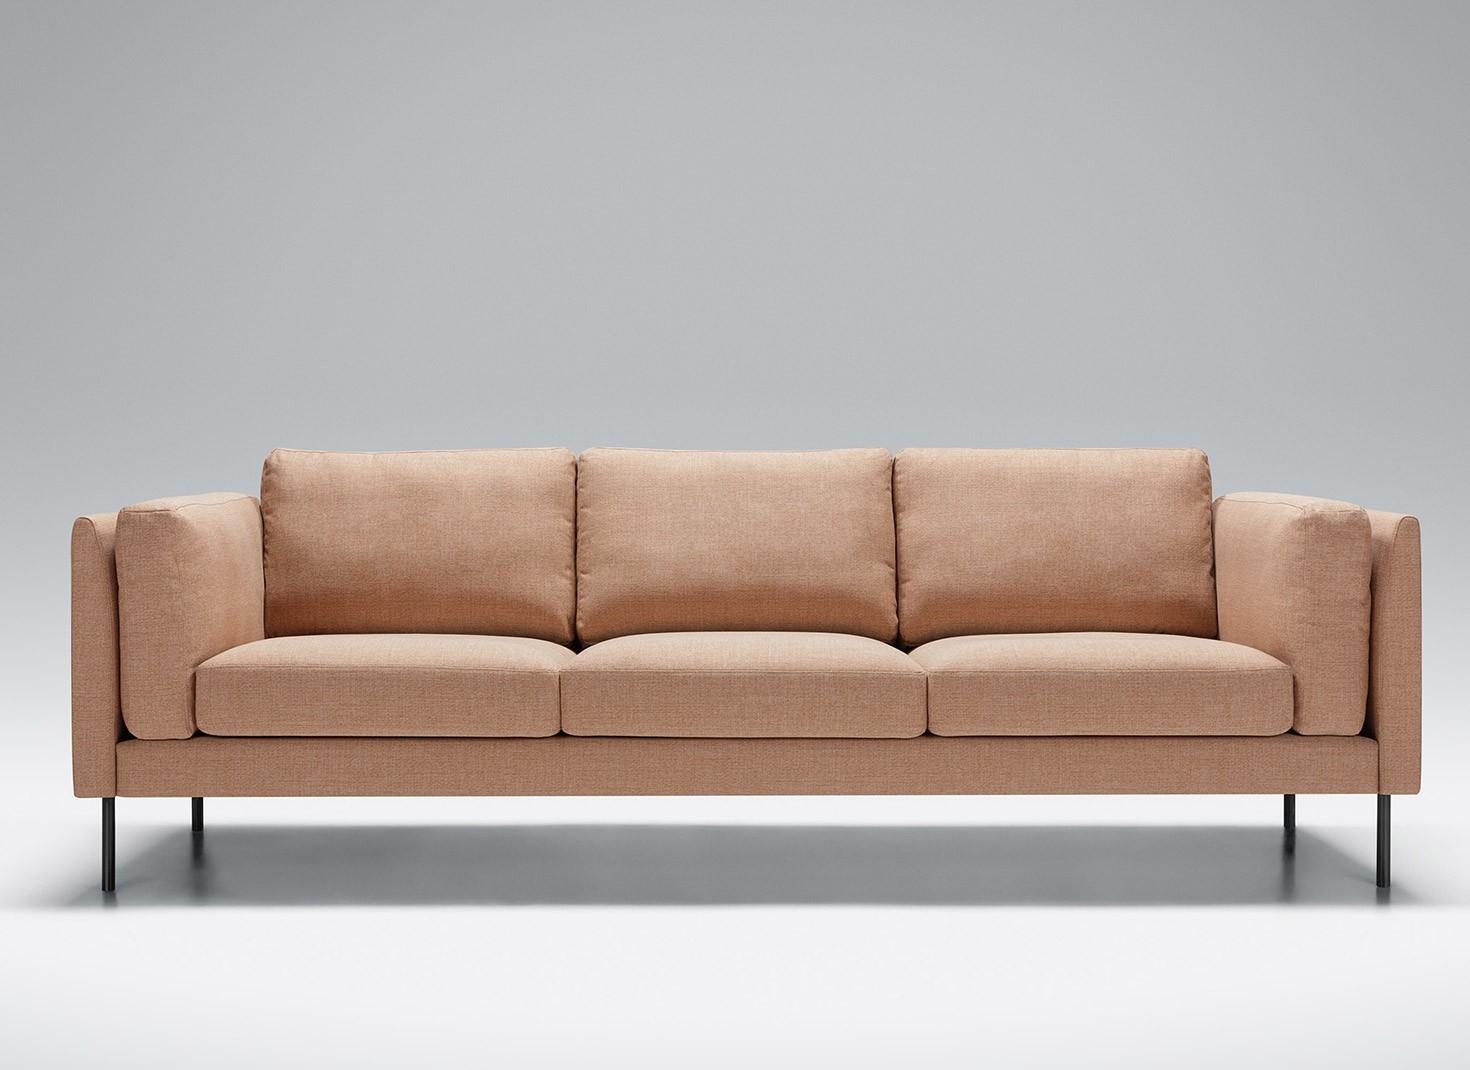 Freud 3.5 seater sofa